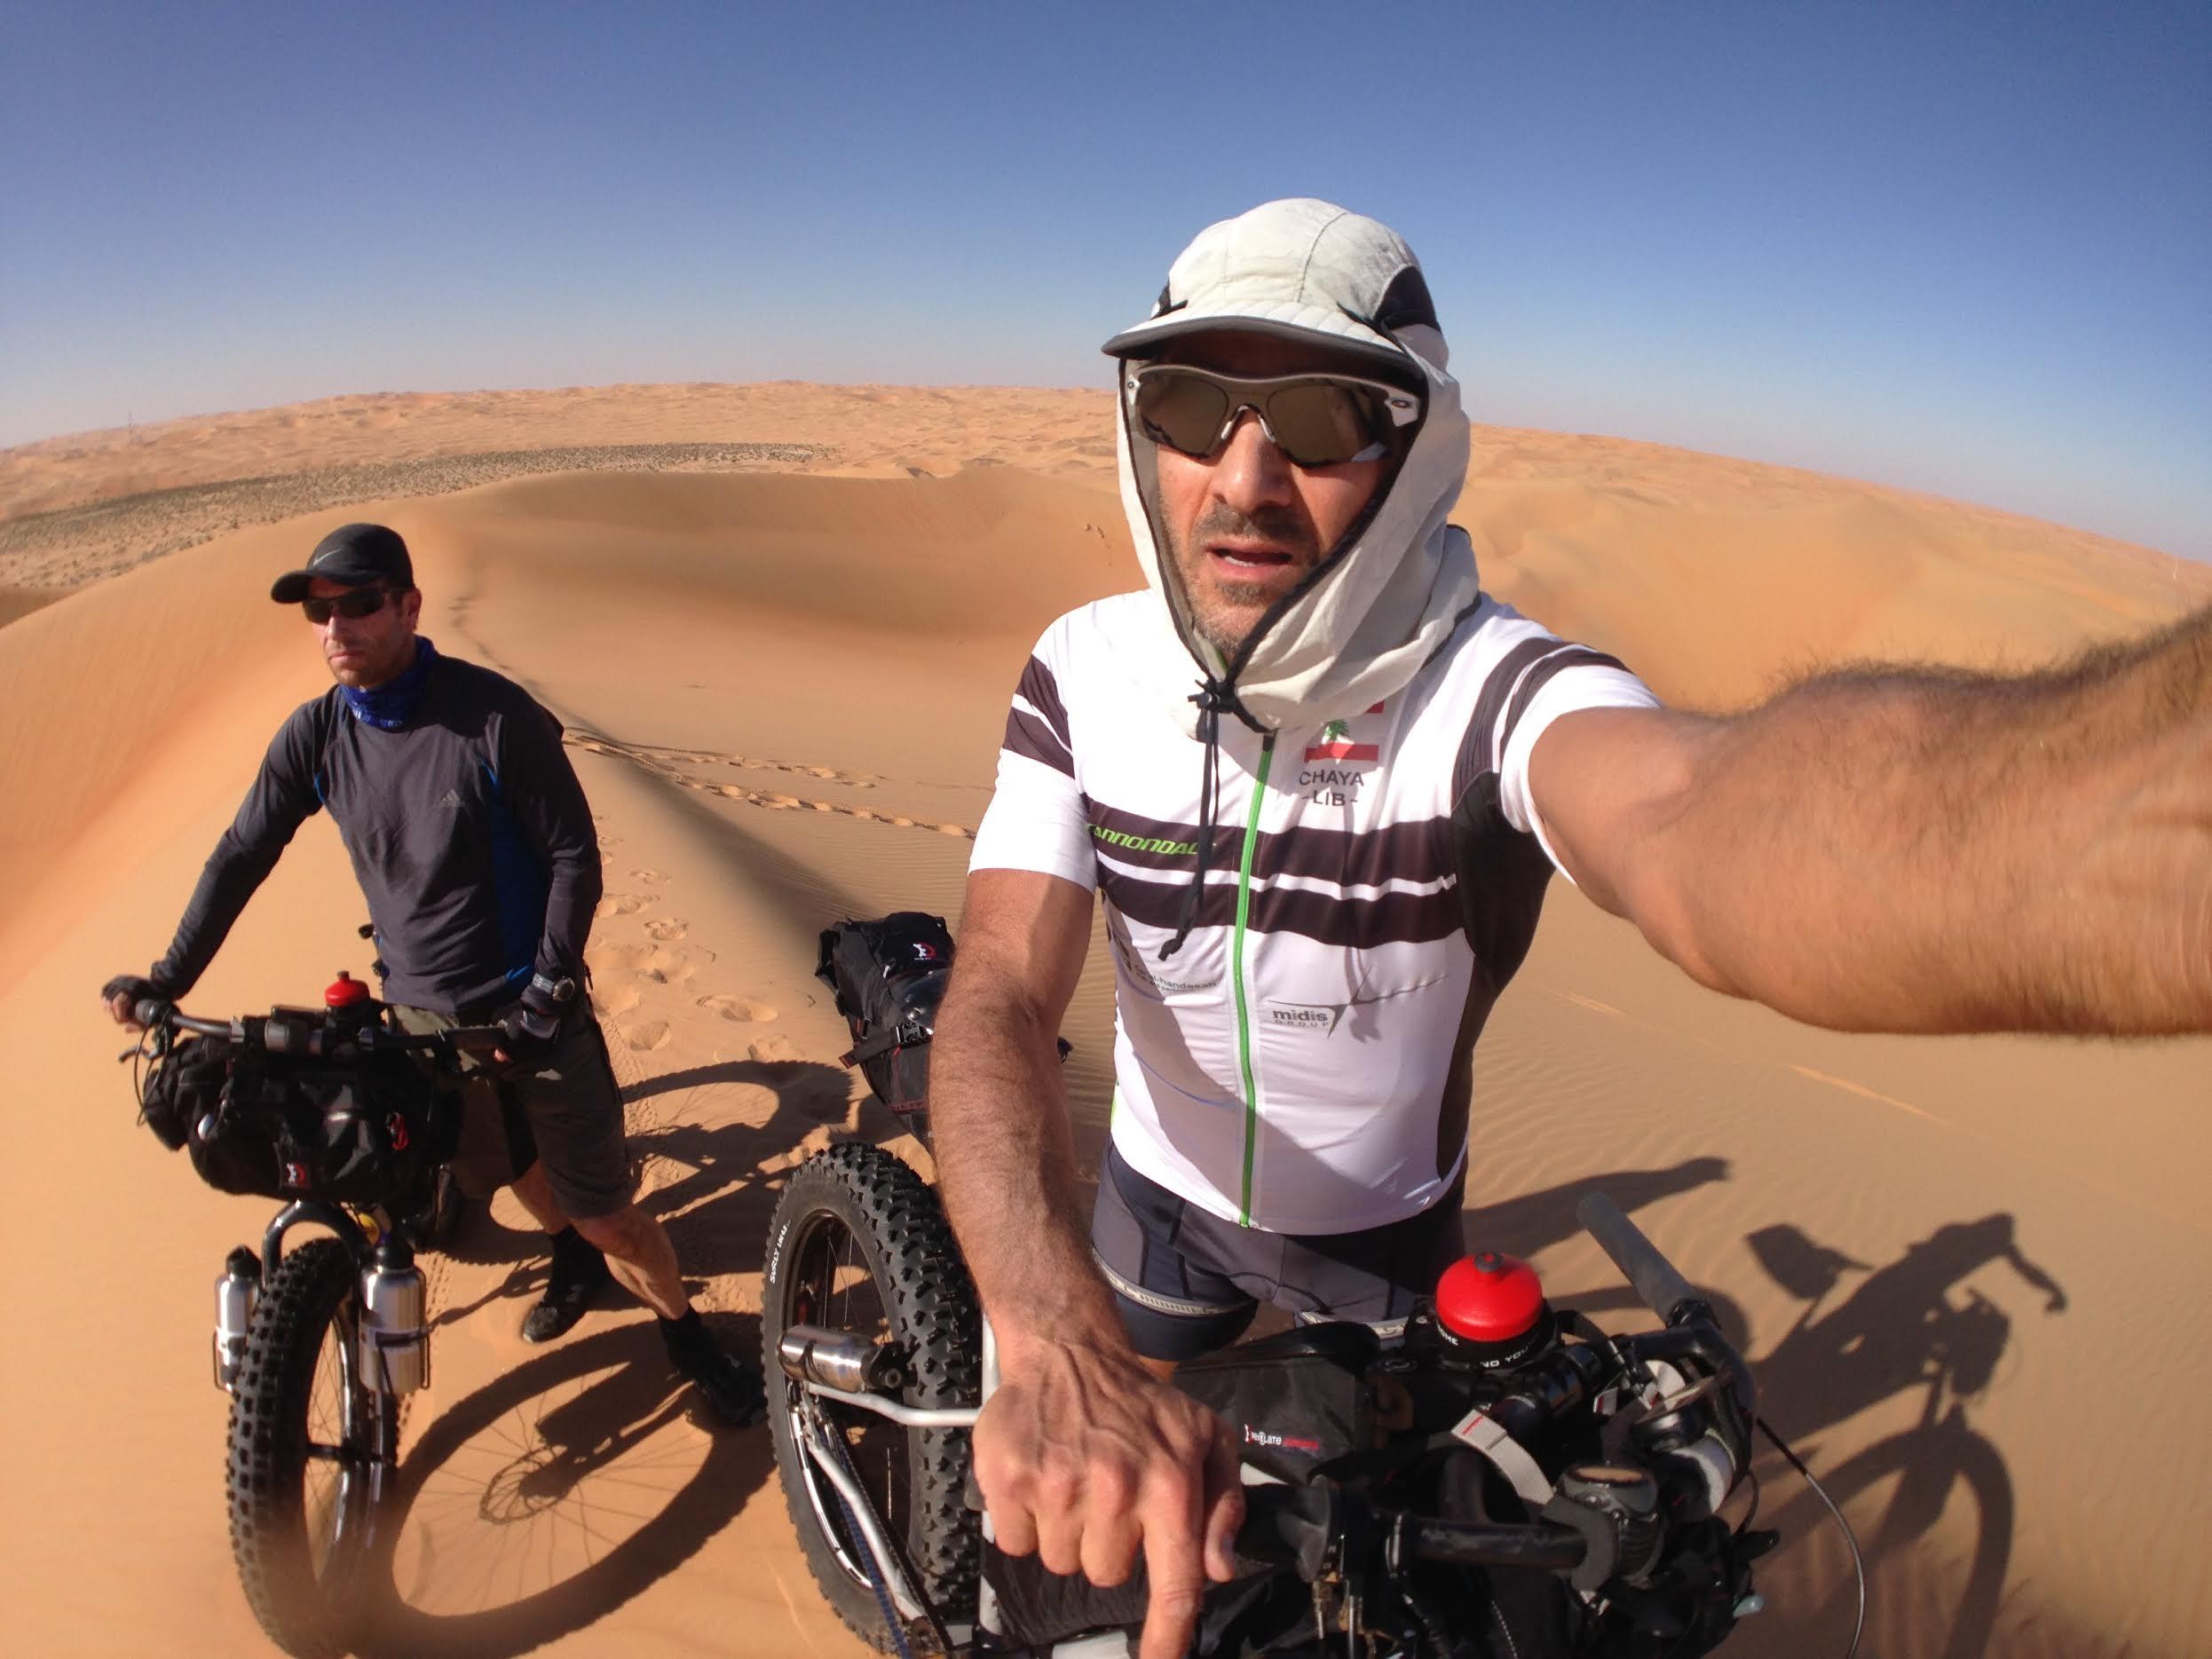 صورة مغامرة مكسيم شعيا لعبور الصحراء تنطلق غداً